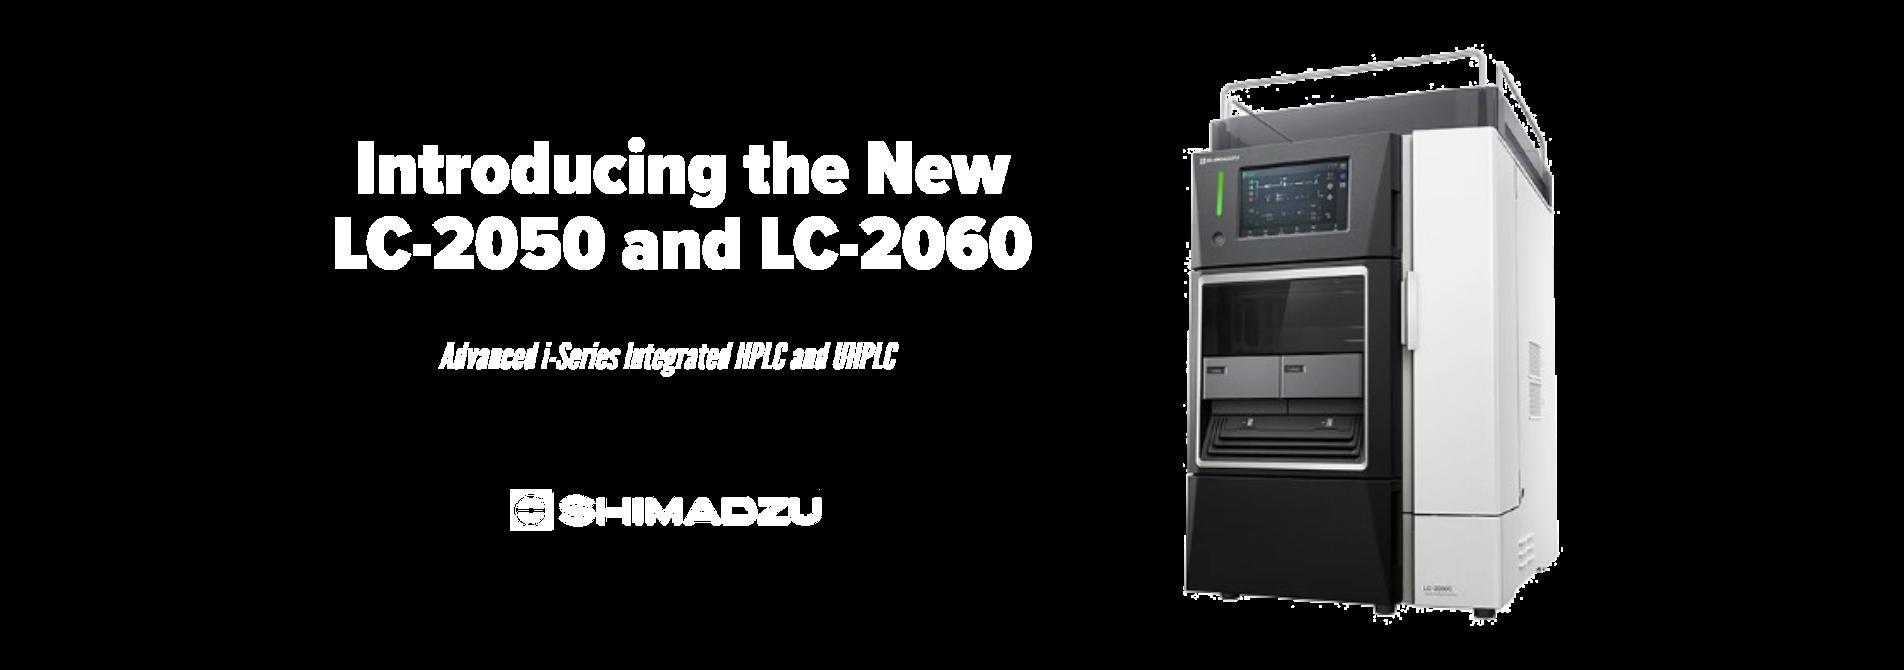 SZ iSeries LC-2050/2060